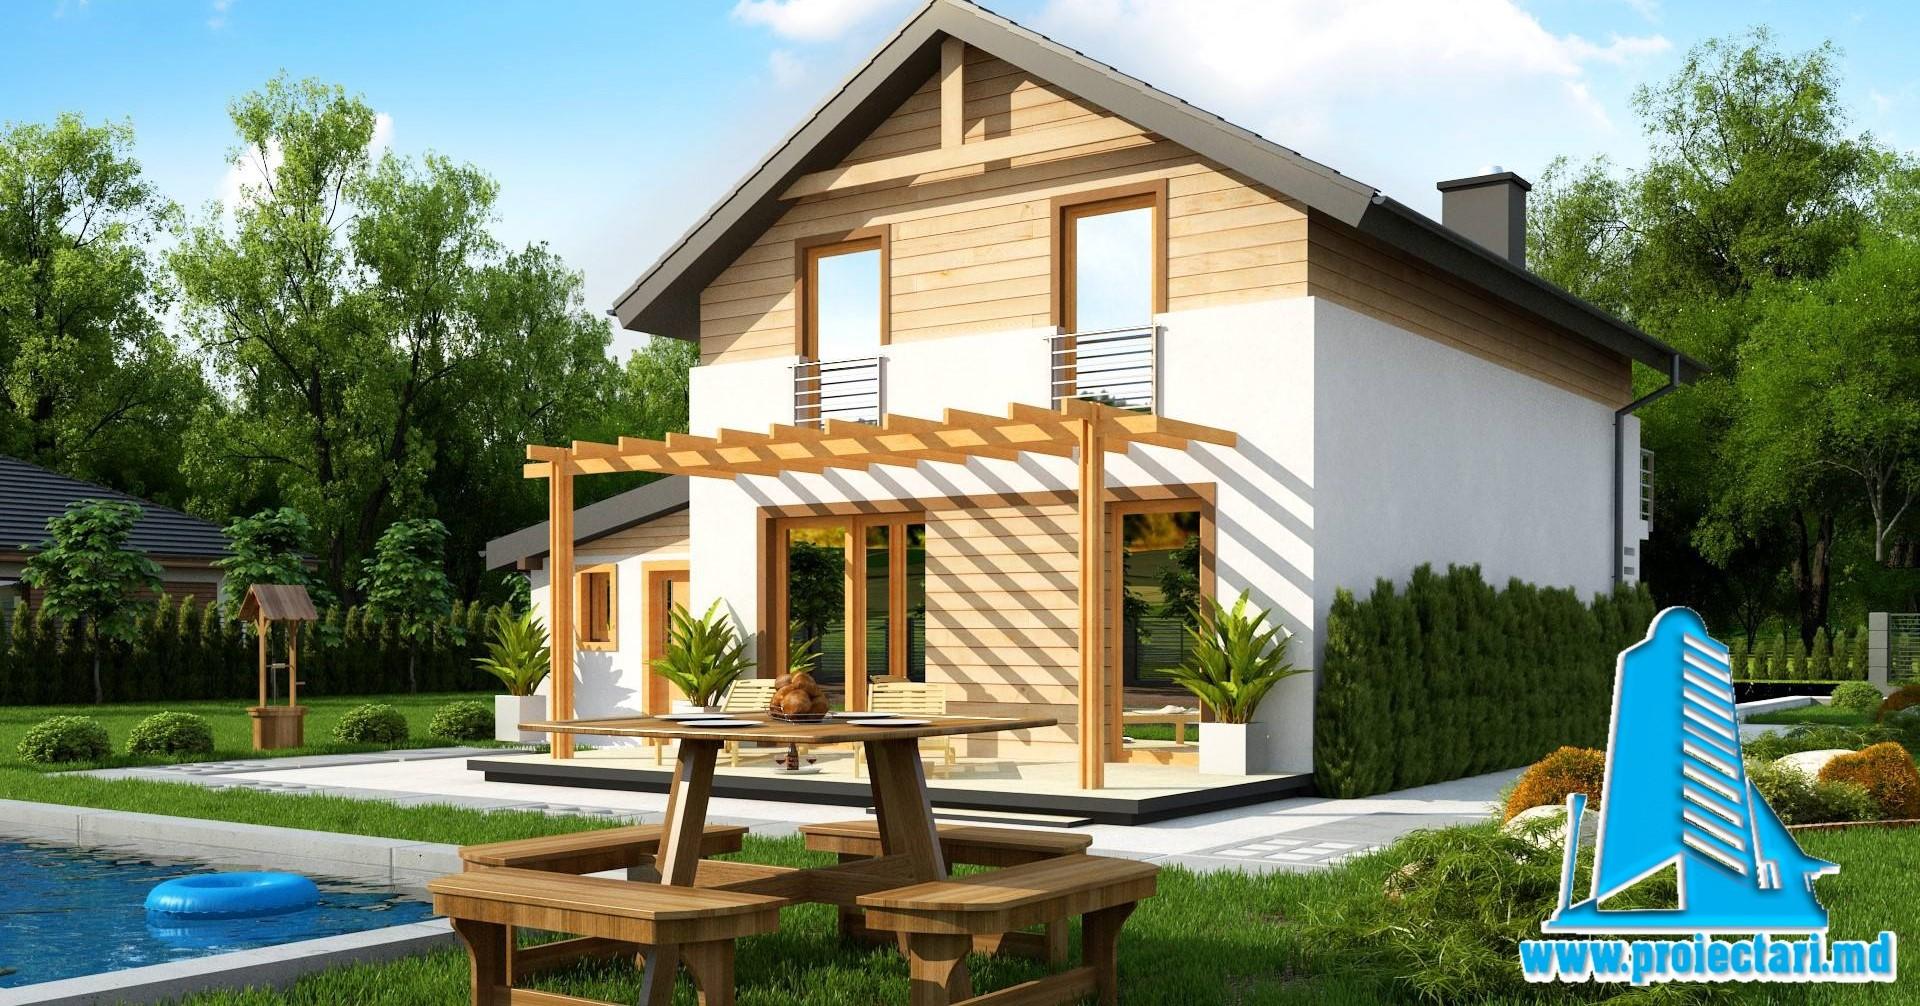 Proiect Terasa Lemn.Proiect Casa Cu Doua Etaje Garaje Pentru Un Automobil Si Terasa De